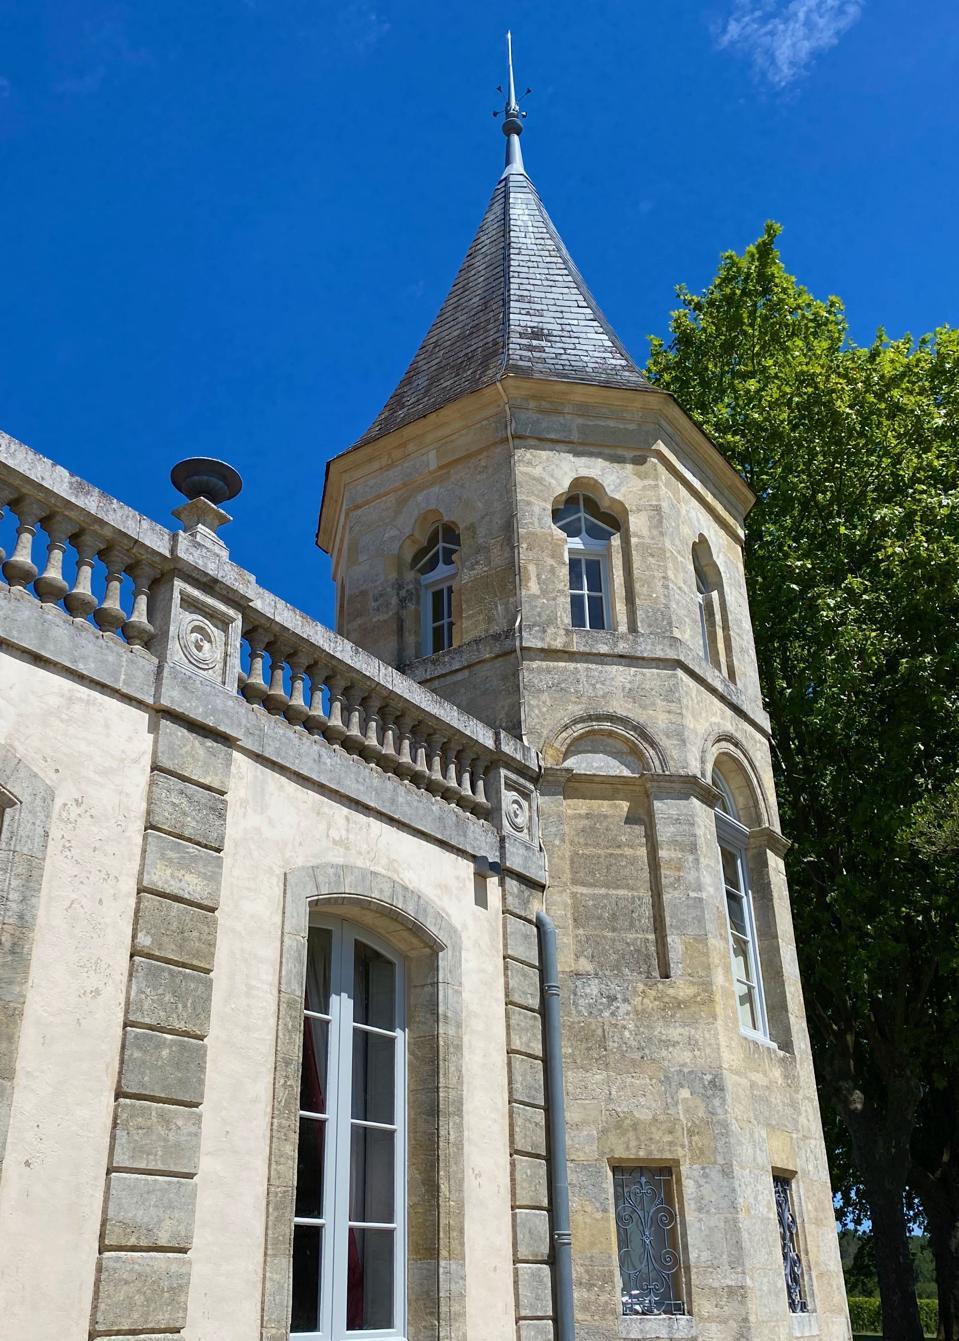 Turreted tower at Château Brande-Bergère